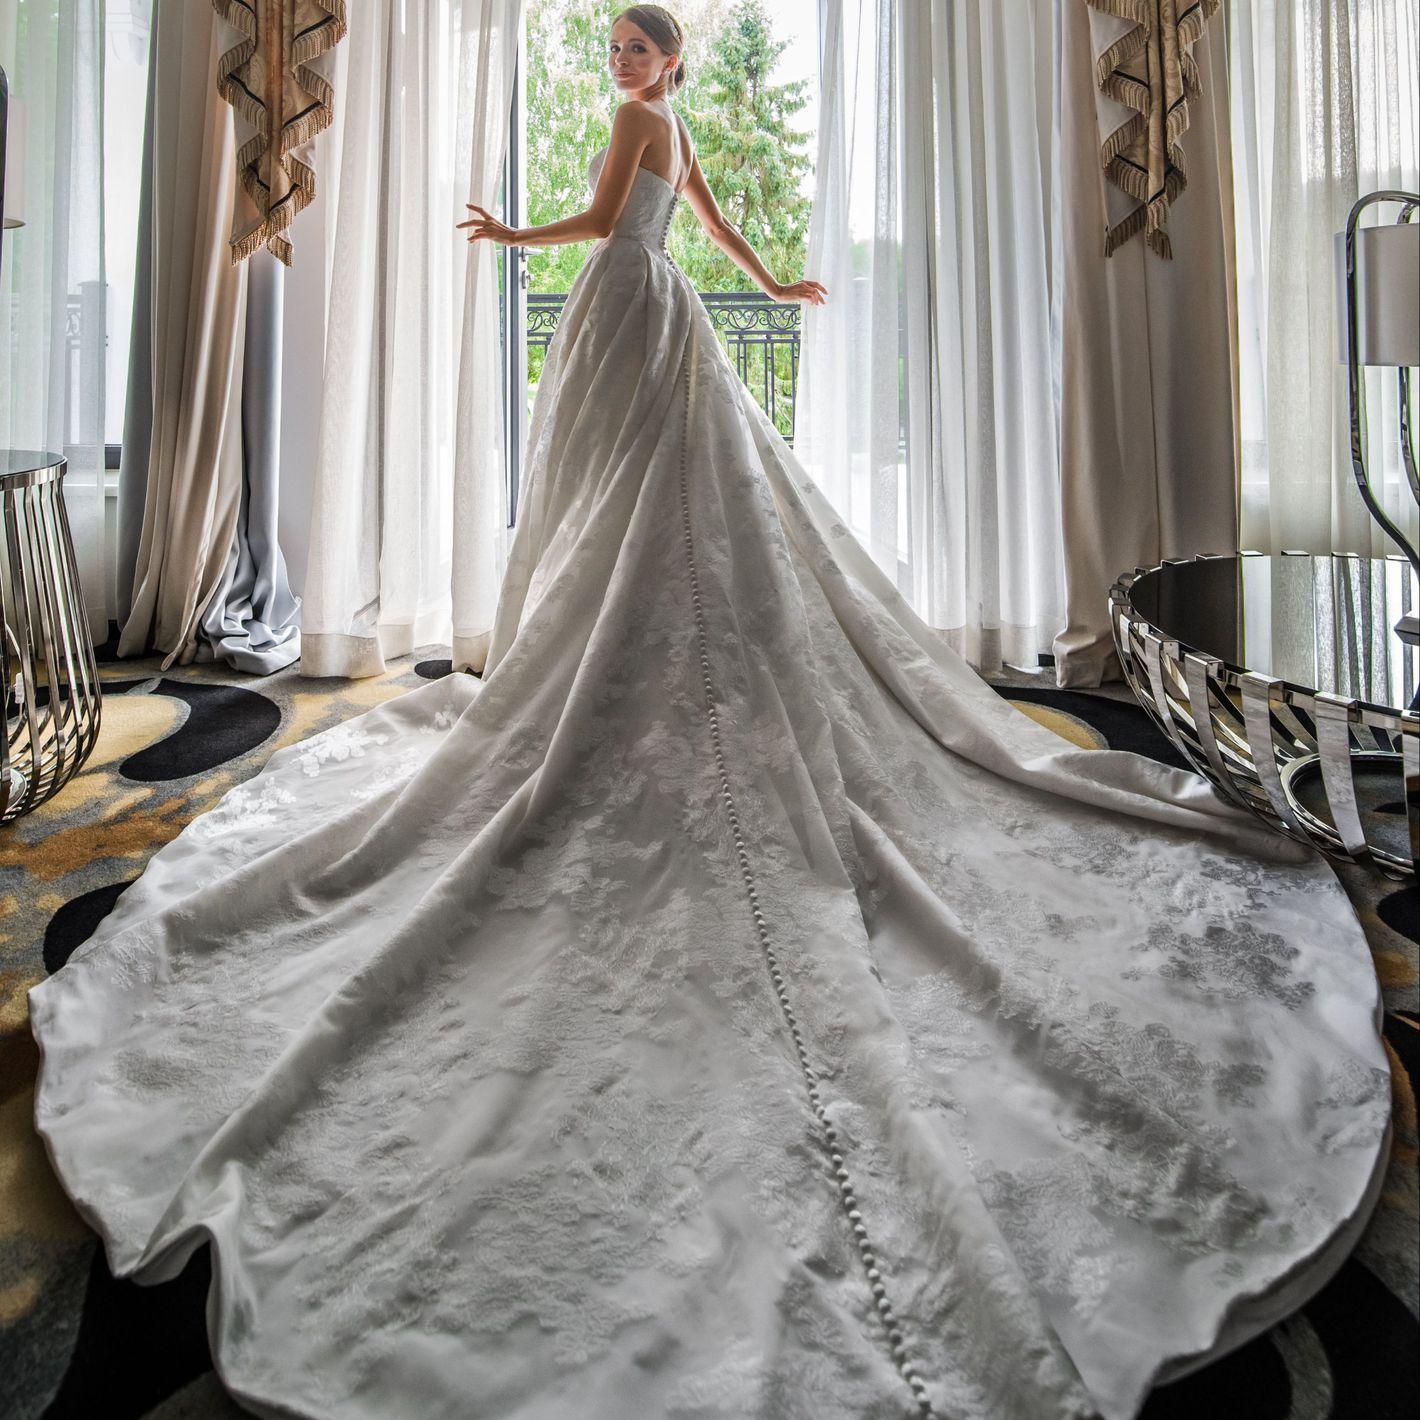 - Stile 9858: Abito da sposa in stile principessa in organza, completamente rivestito di applicazioni in pizzo e strascico regale